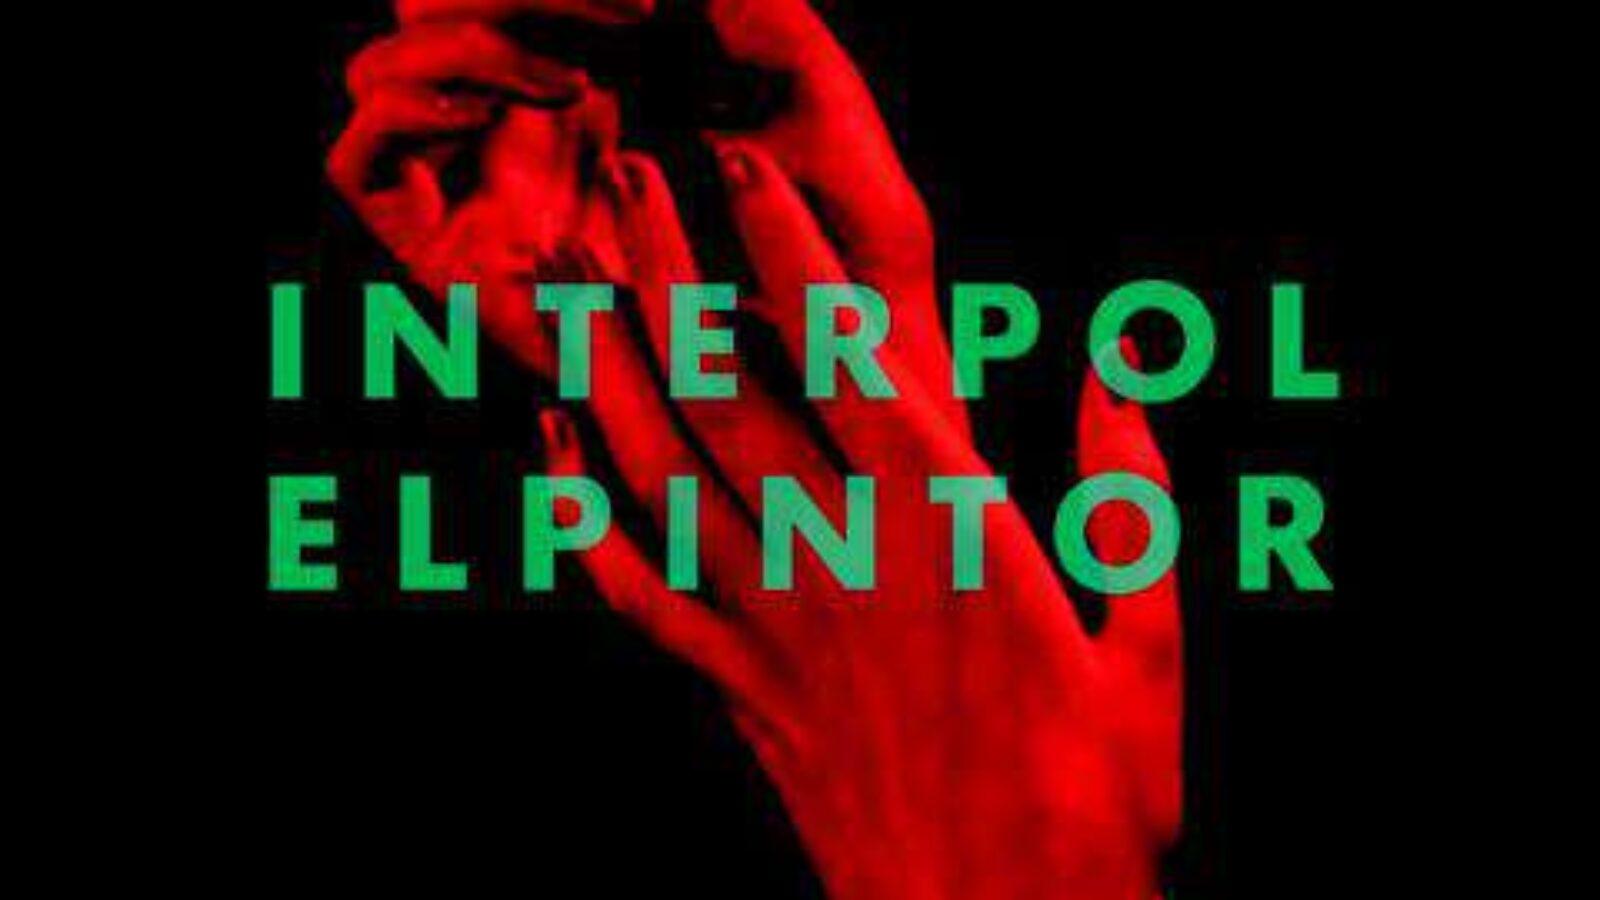 INTERPOL – EL PINTOR